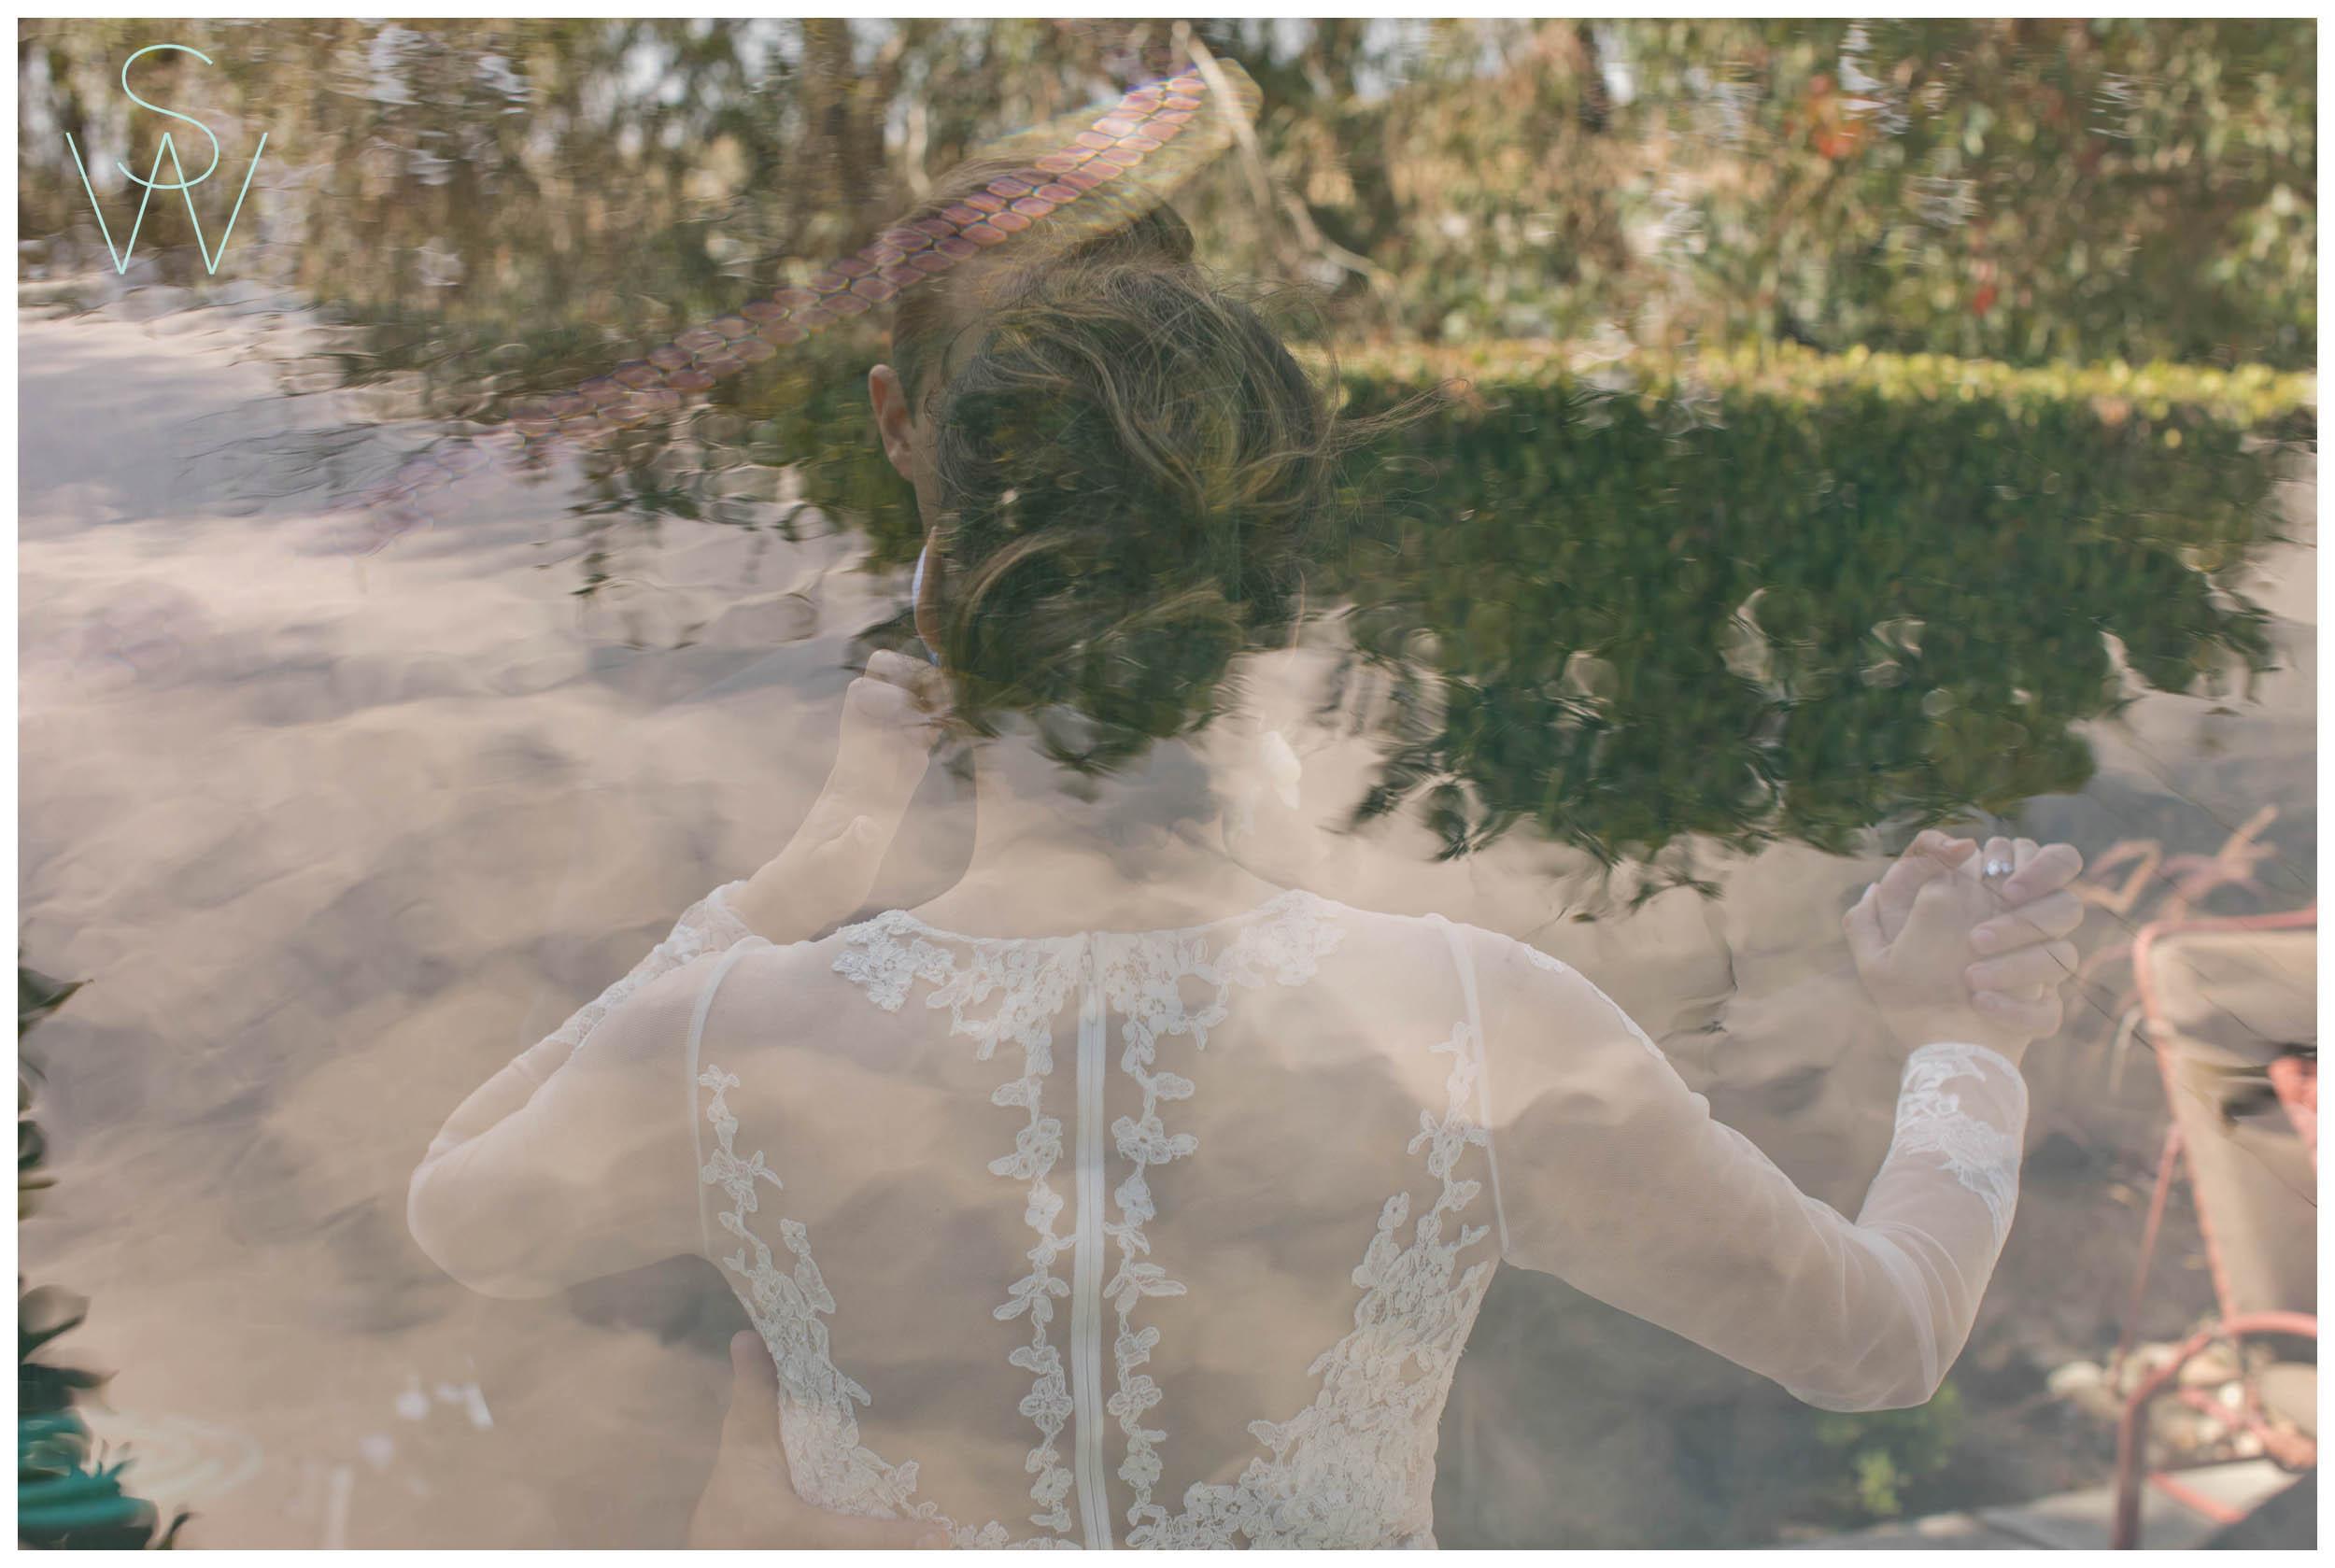 Shewanders.san_.diego_.wedding.photography.private.estate.tara_.jason-3824.jpg.diego_.wedding.photography.private.estate.tara_.jason-382.jpg